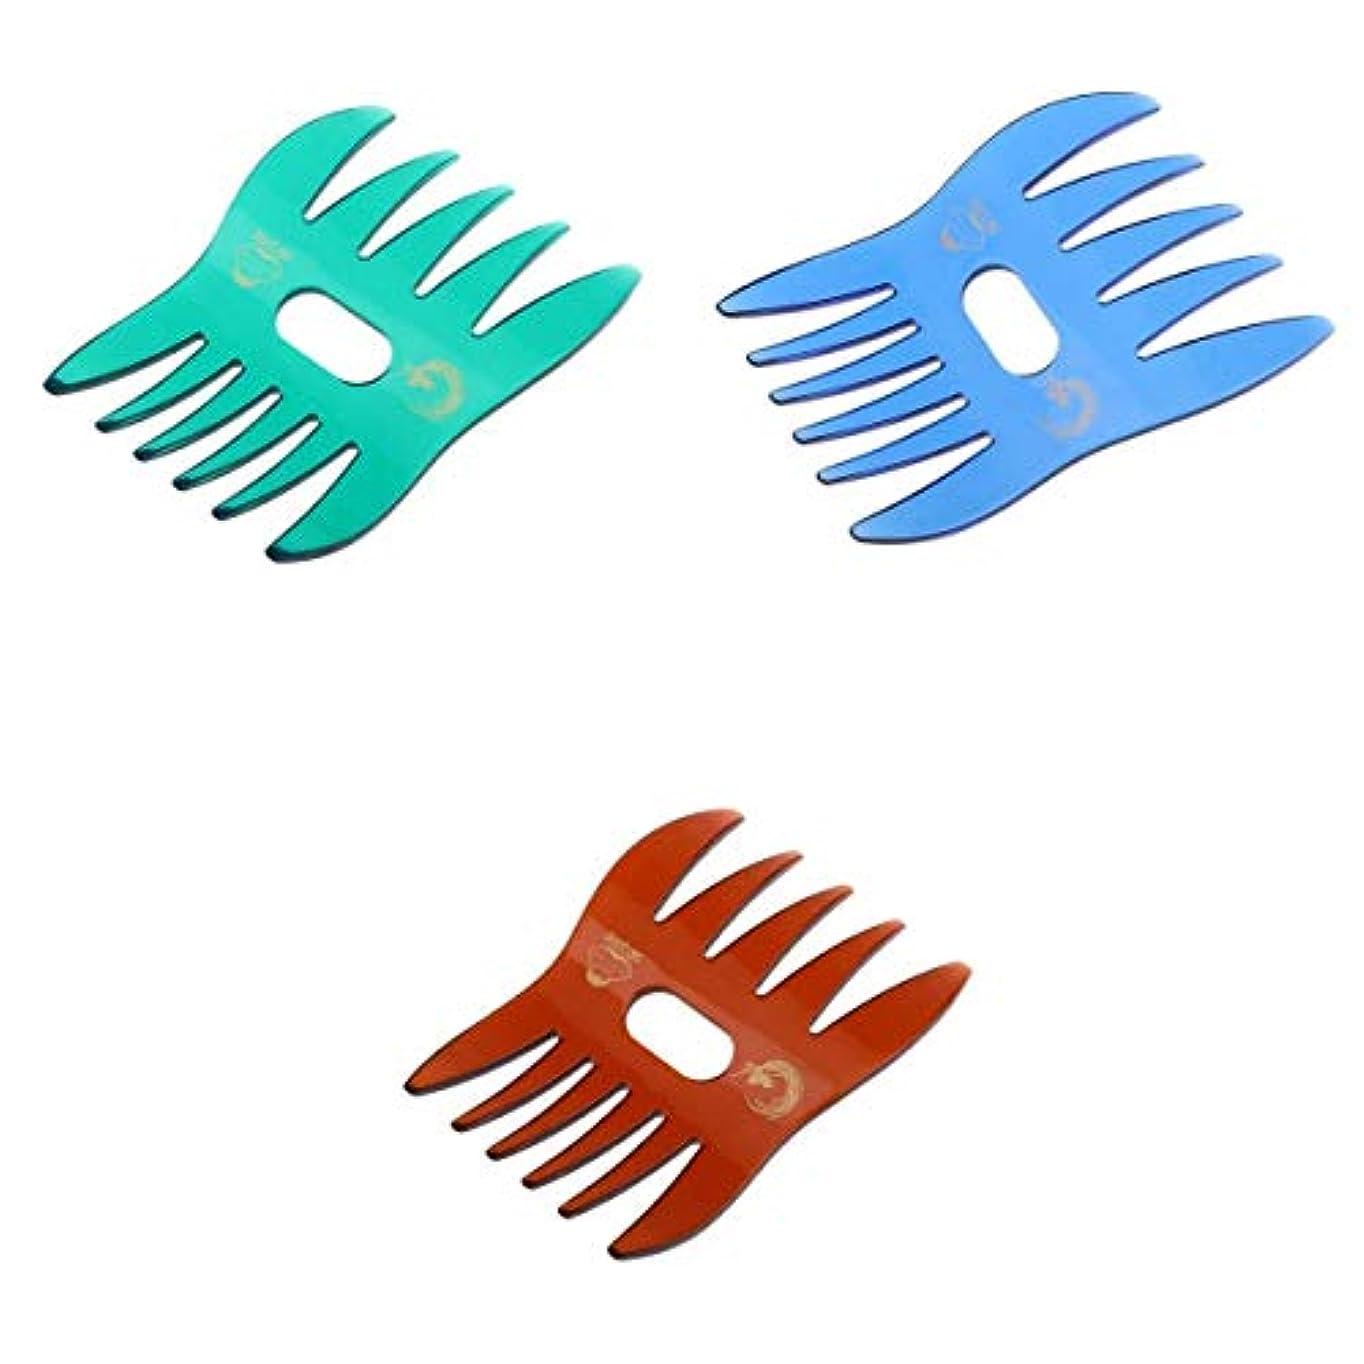 かび臭いスペアディスパッチT TOOYFUL 櫛 ヘアコーム コーム ヘア櫛 静電気防止 粗歯 頭皮マッサージ オイルヘアスタイル